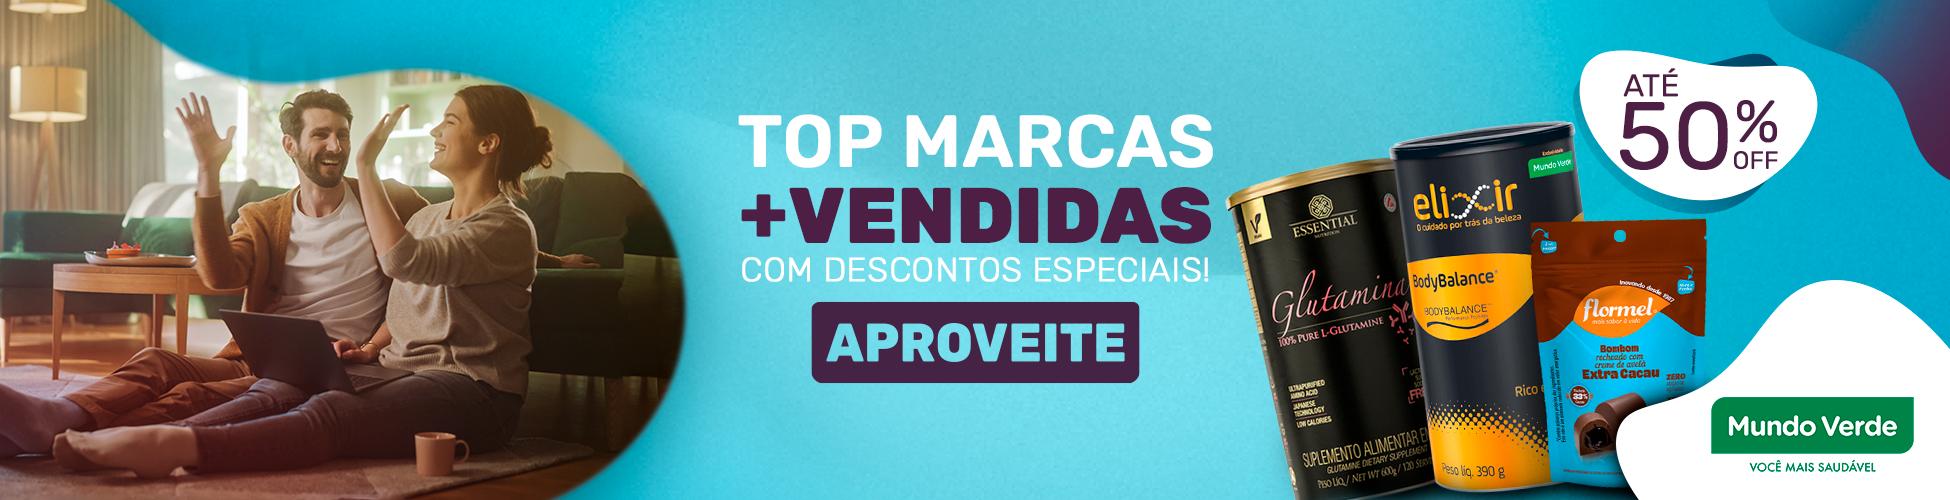 Top Marcas + vendidas